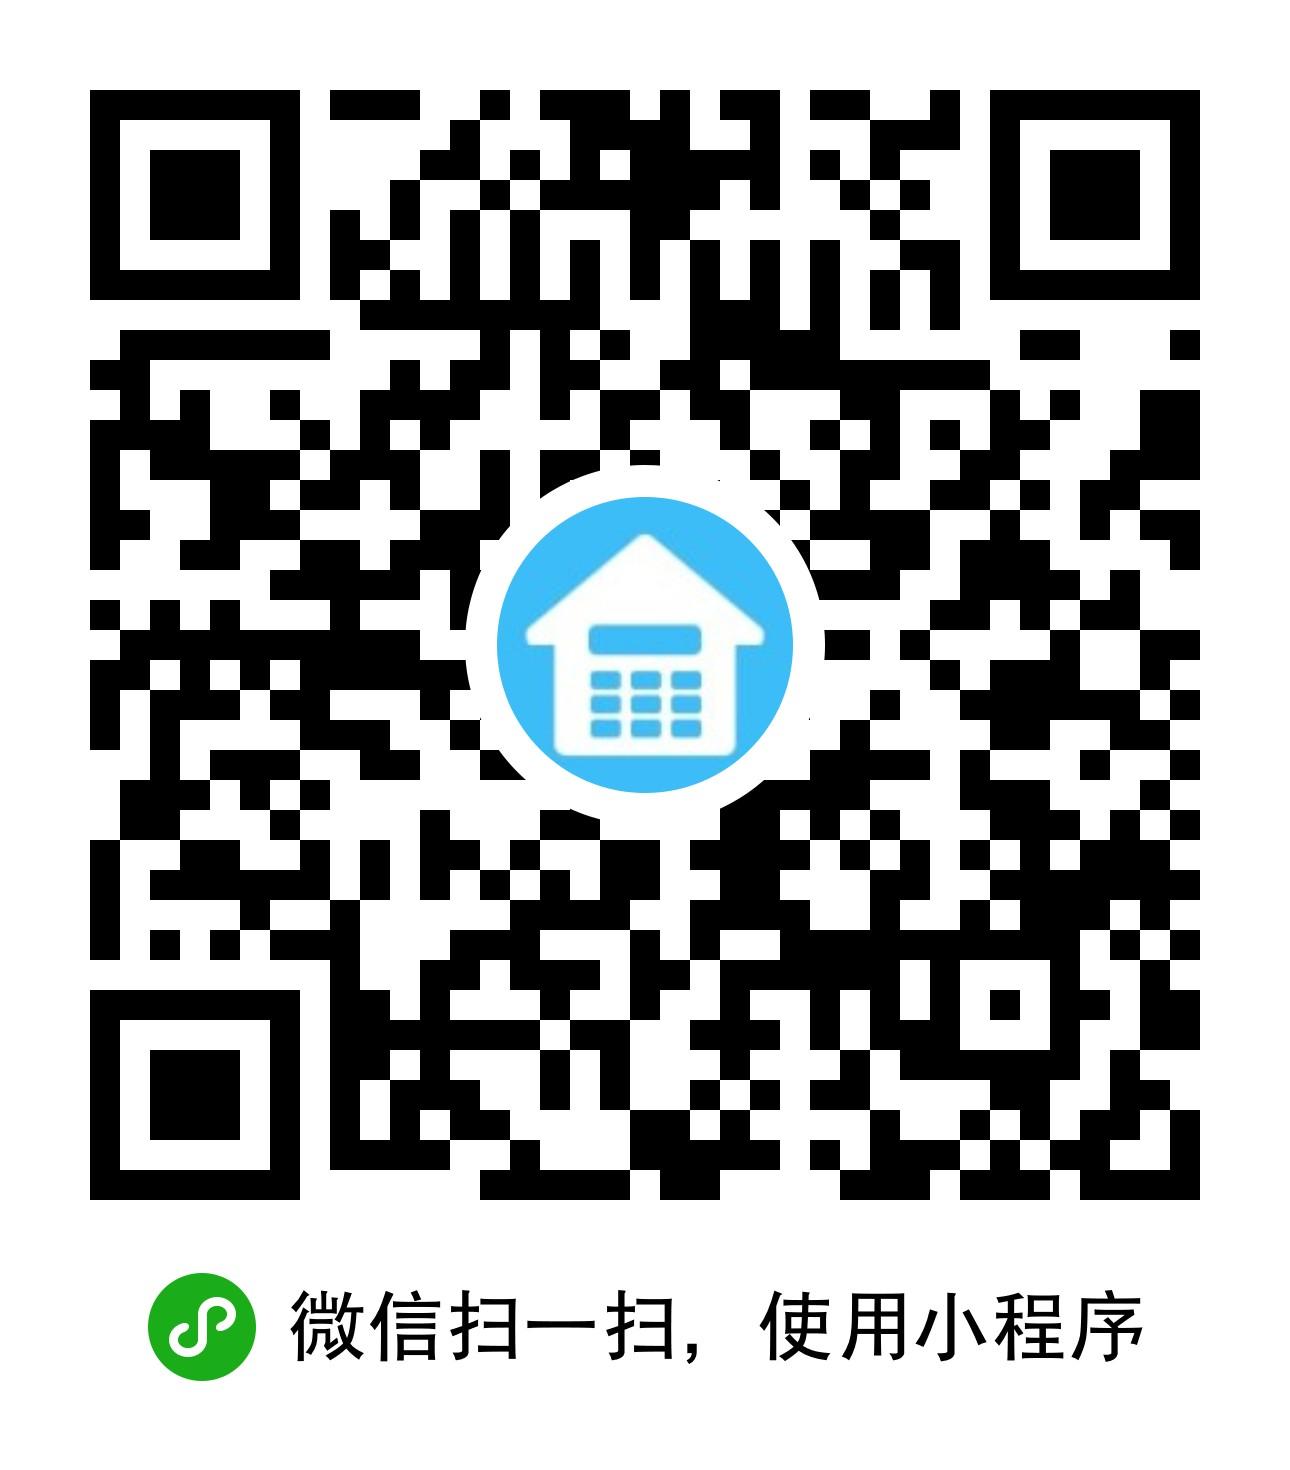 上海房产税计算器二维码